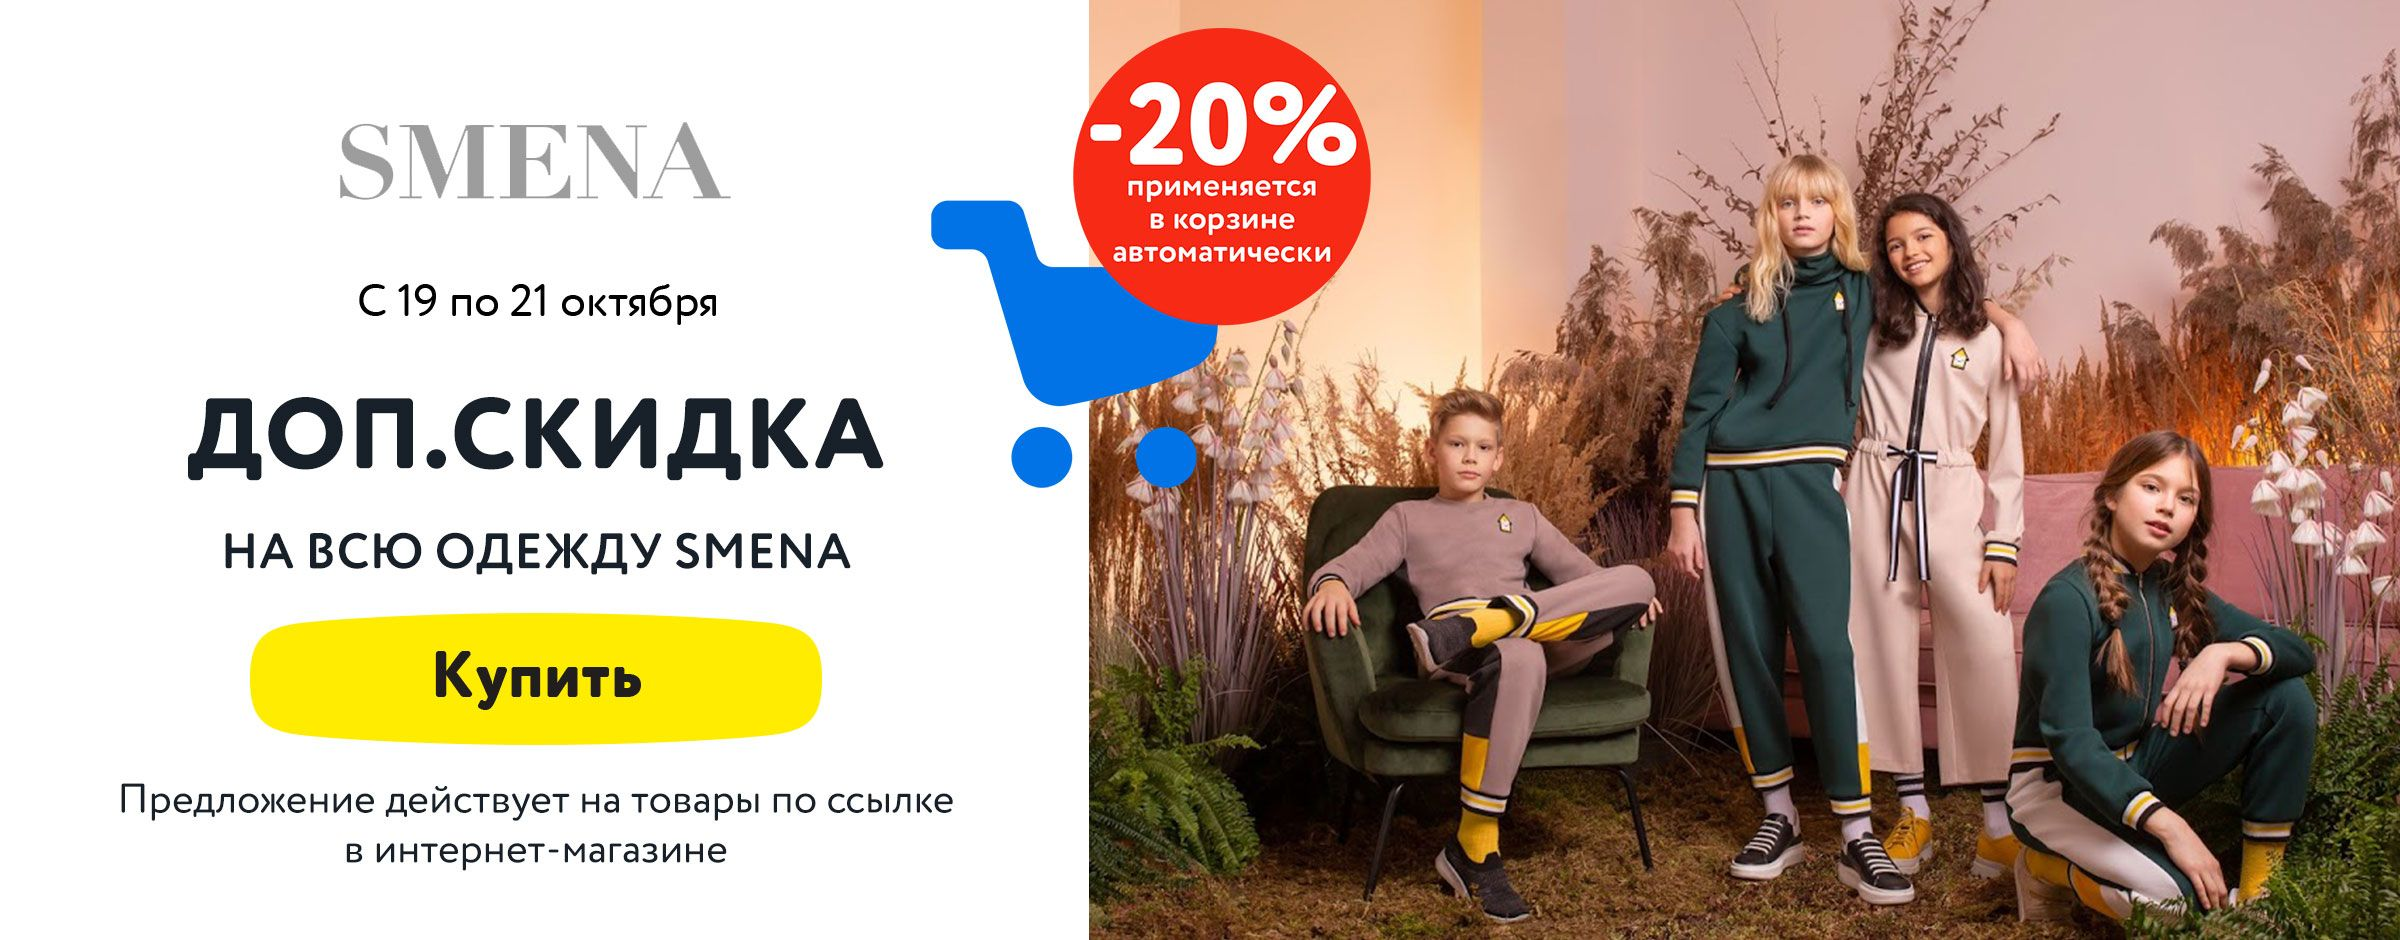 Доп. скидка 20% на всю одежду Smena в корзине